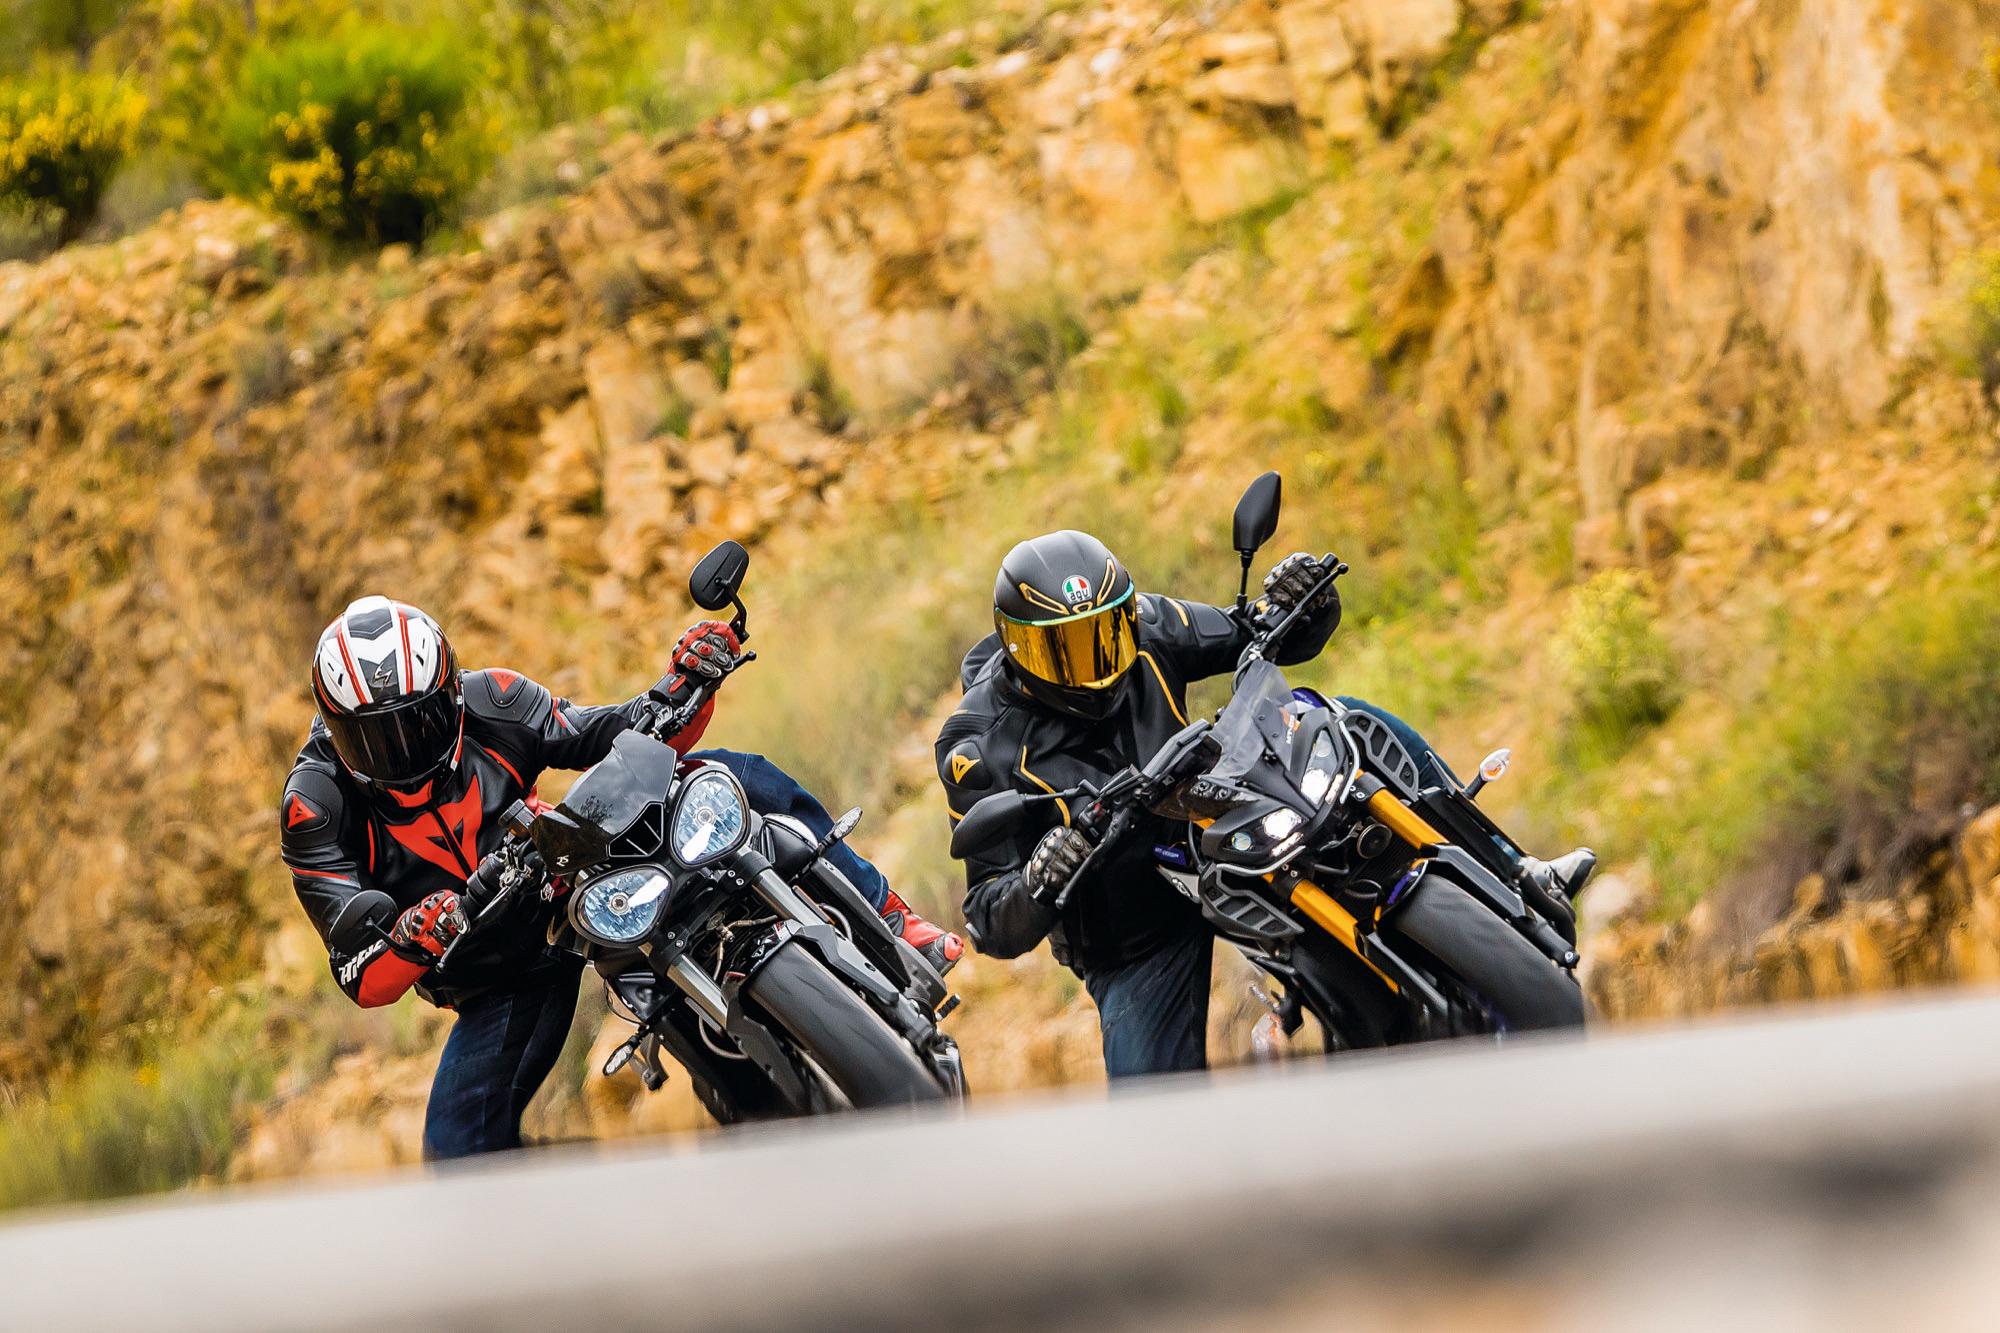 Comparativa Yamaha MT-09 SP vs Triumph Street Triple RS, duelo entre las joyas de la categoría